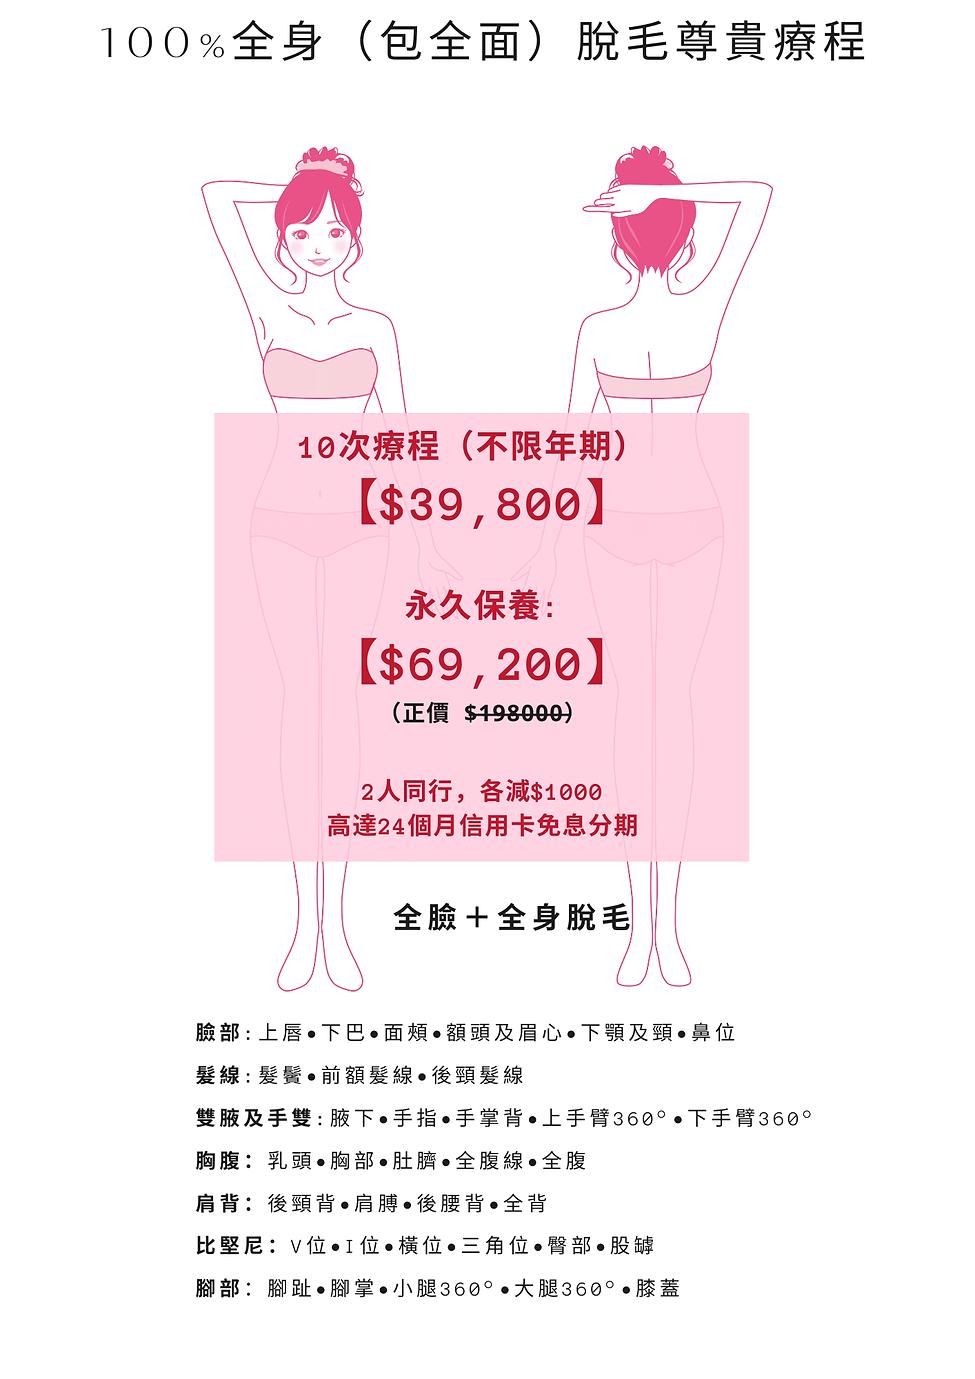 skin peel price & student laser price.pn